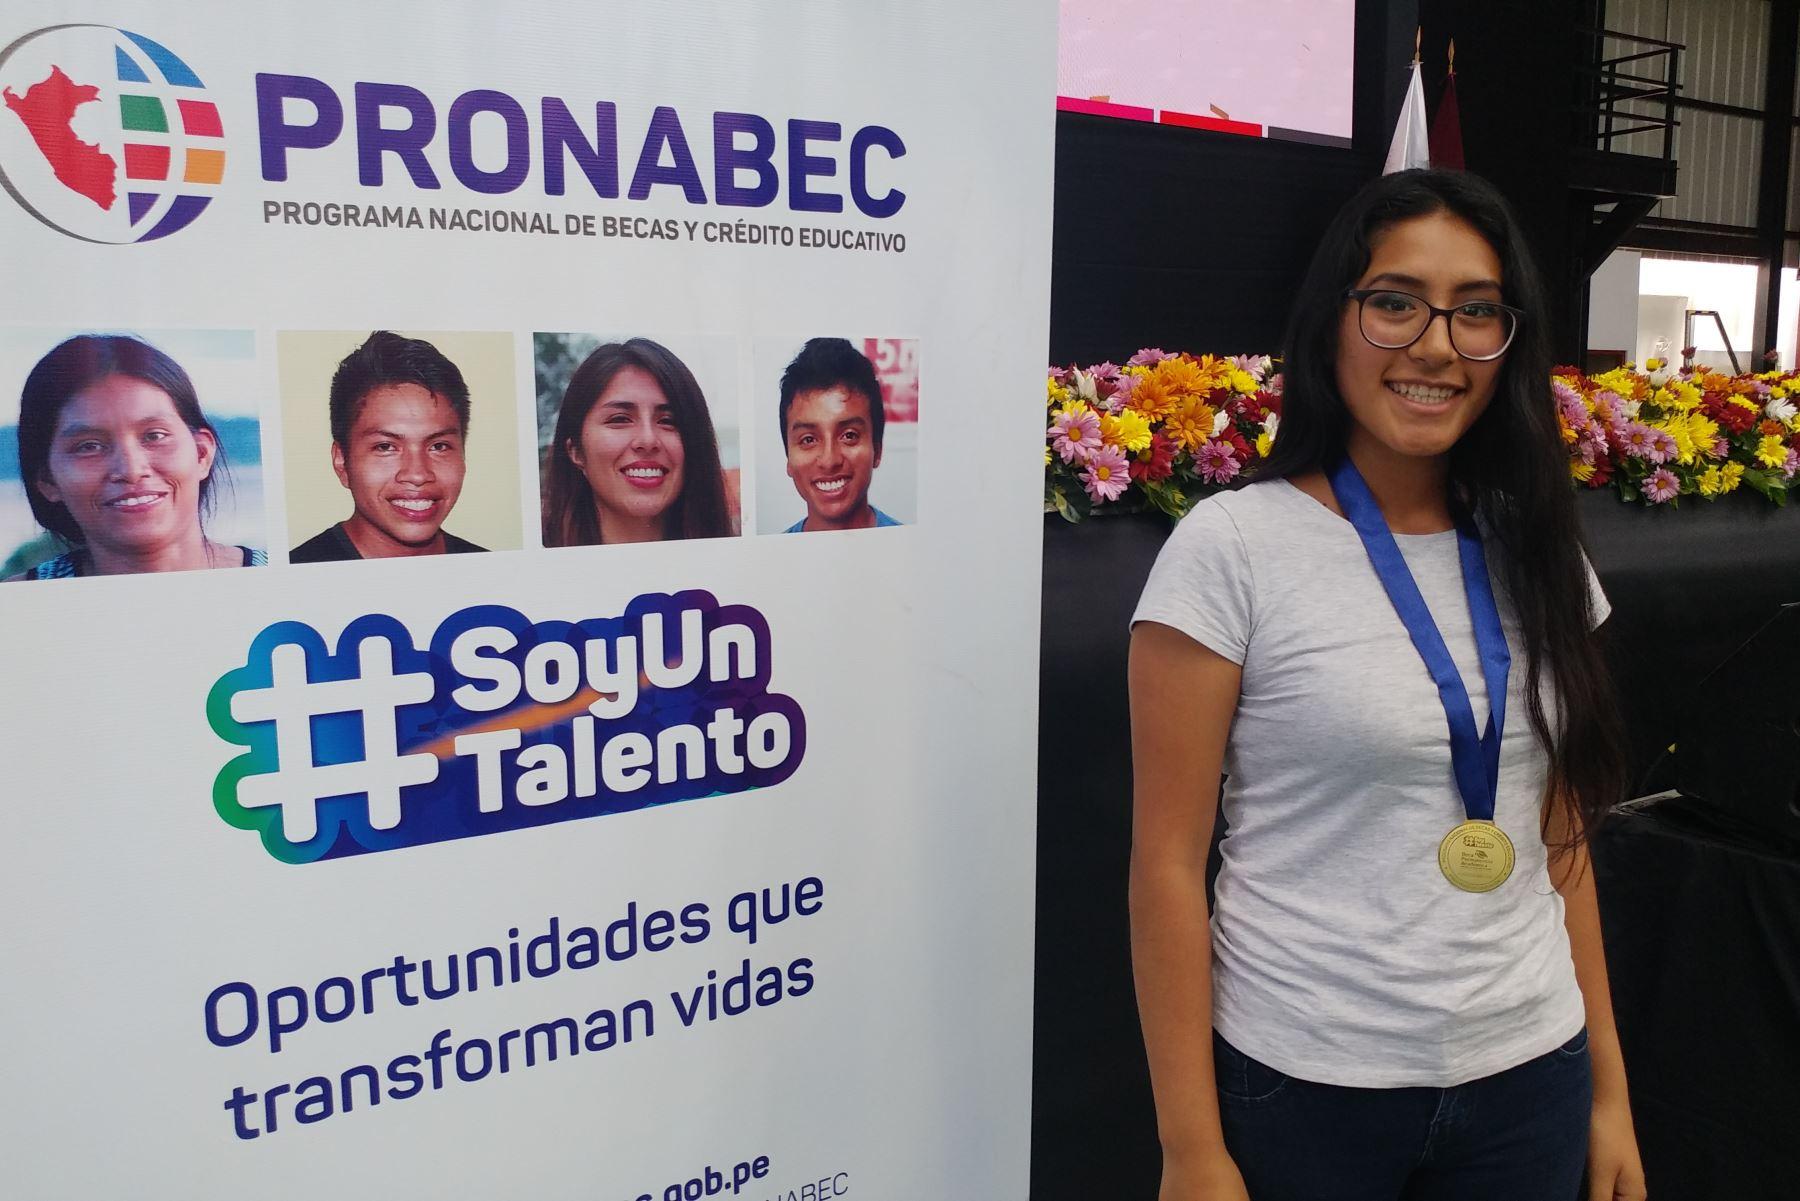 Naysha Núñez Romero, estudiante de la UNI homenajeada por el Pronabec al haber ganado la Beca Permanencia. Foto: Karina Garay